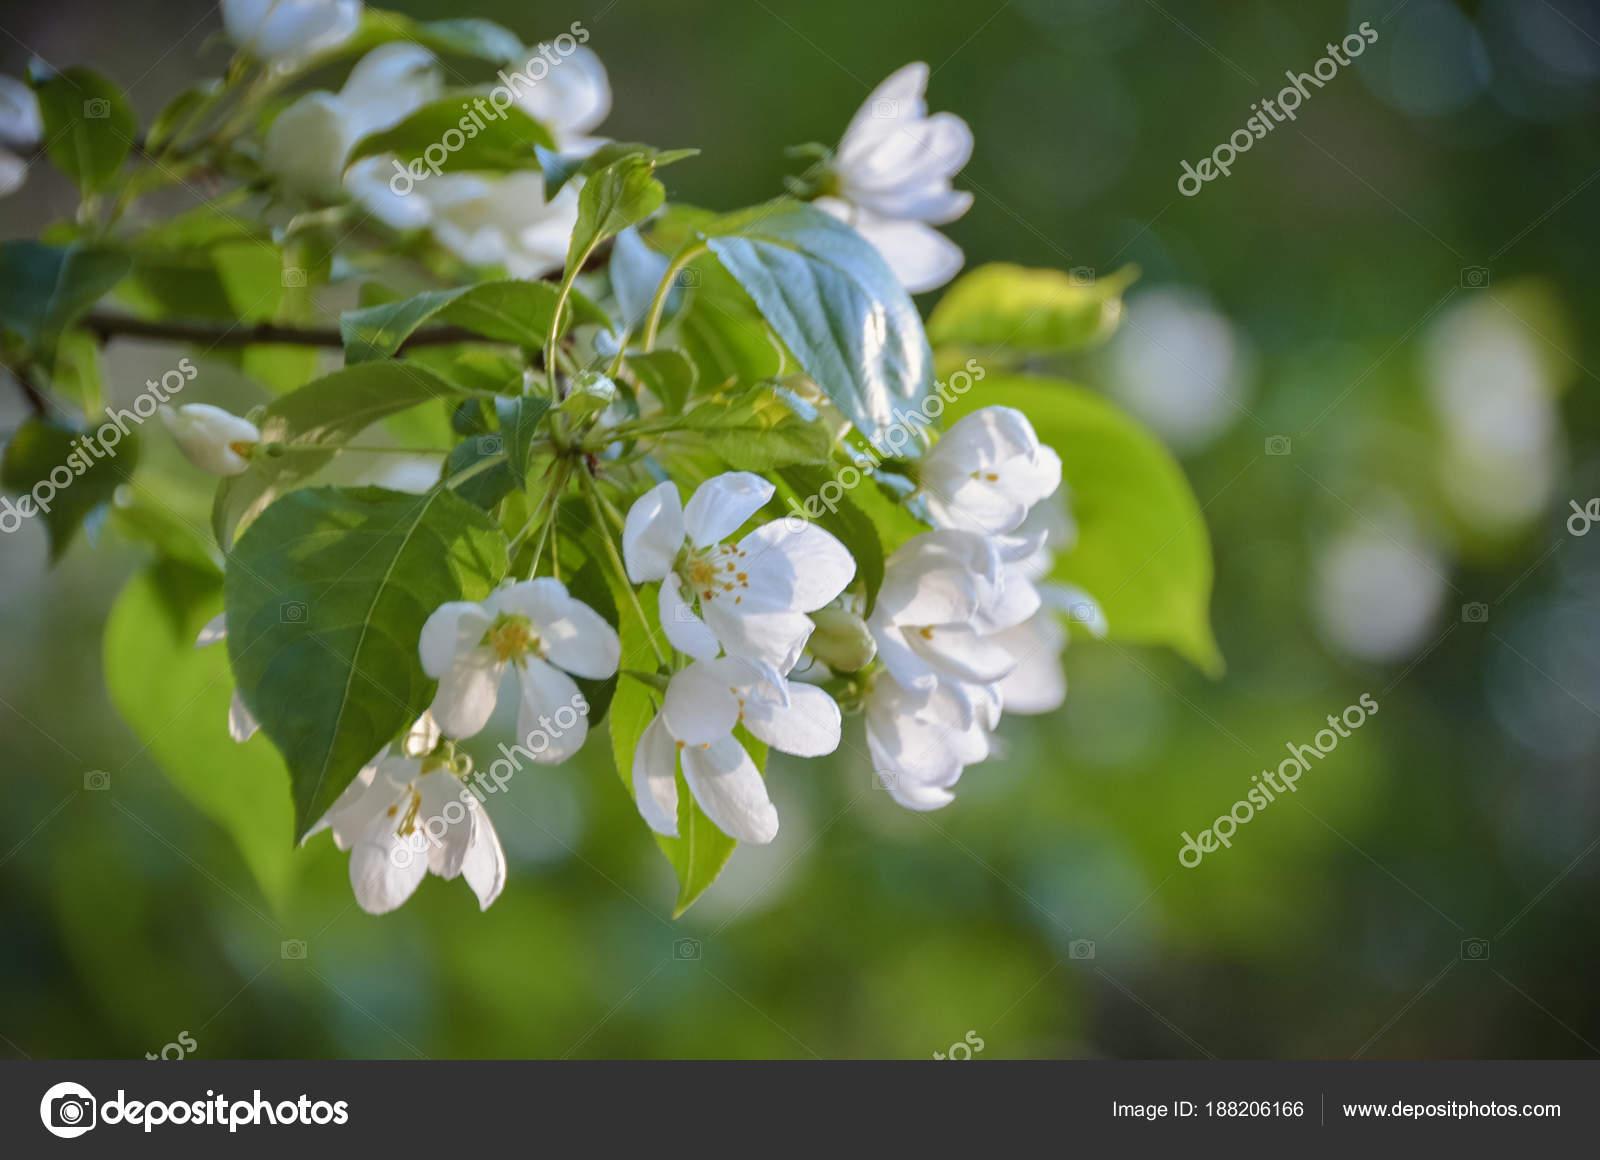 Fragrant Branch Blooming White Flowers Spring Morning Sun Stock